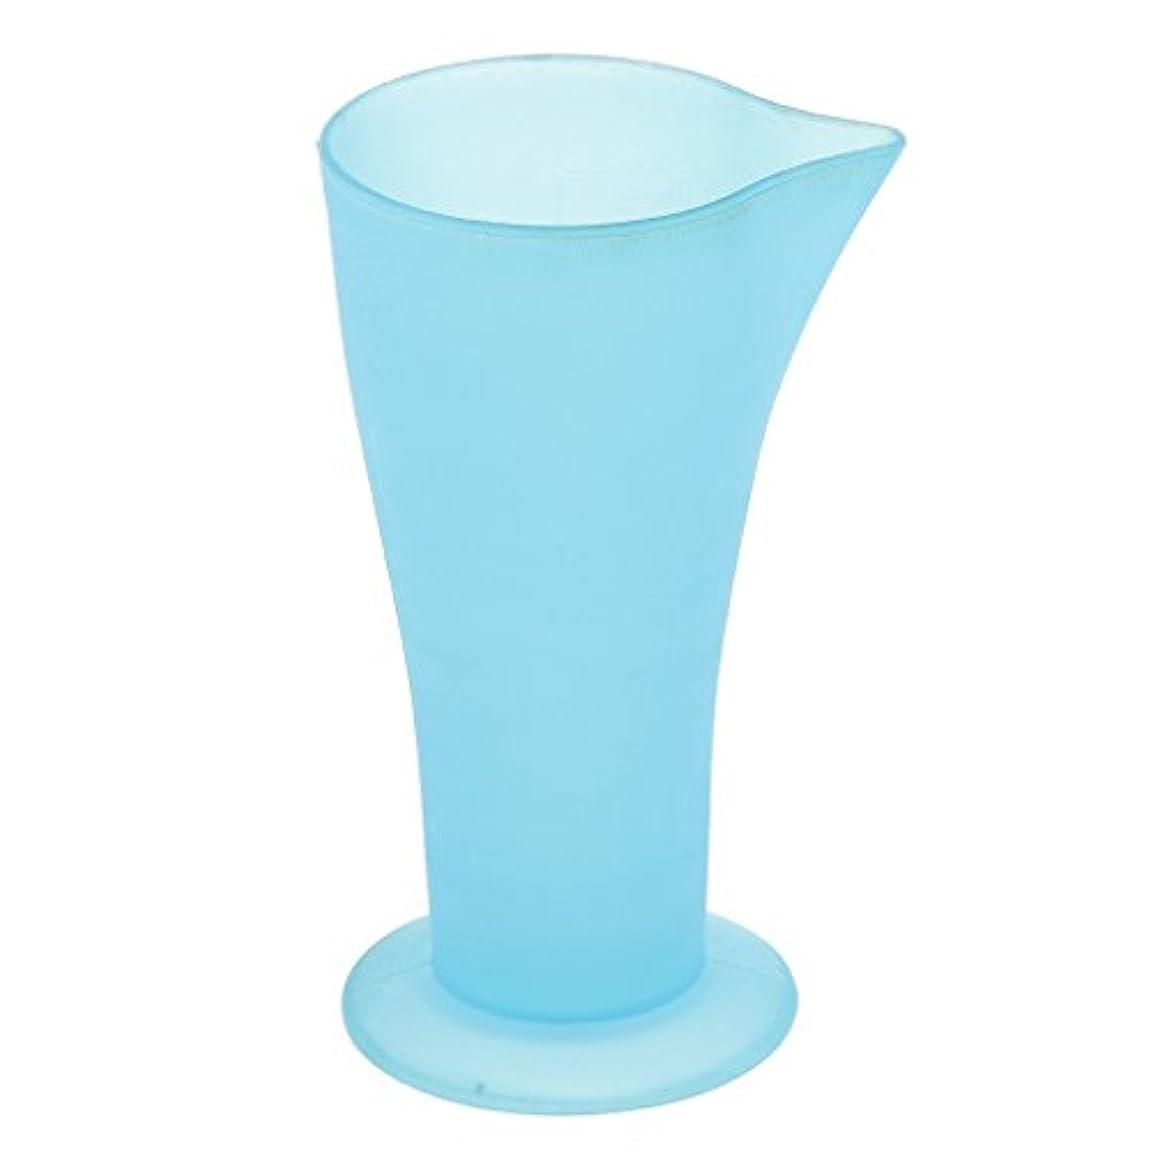 受取人鉄今後計量カップ ヘアダイカップ ヘアカラーカップ ヘアダイ容器 ブルー プラスチック 再使用可能 髪型 サロン 髪の色合い 色測定カップ